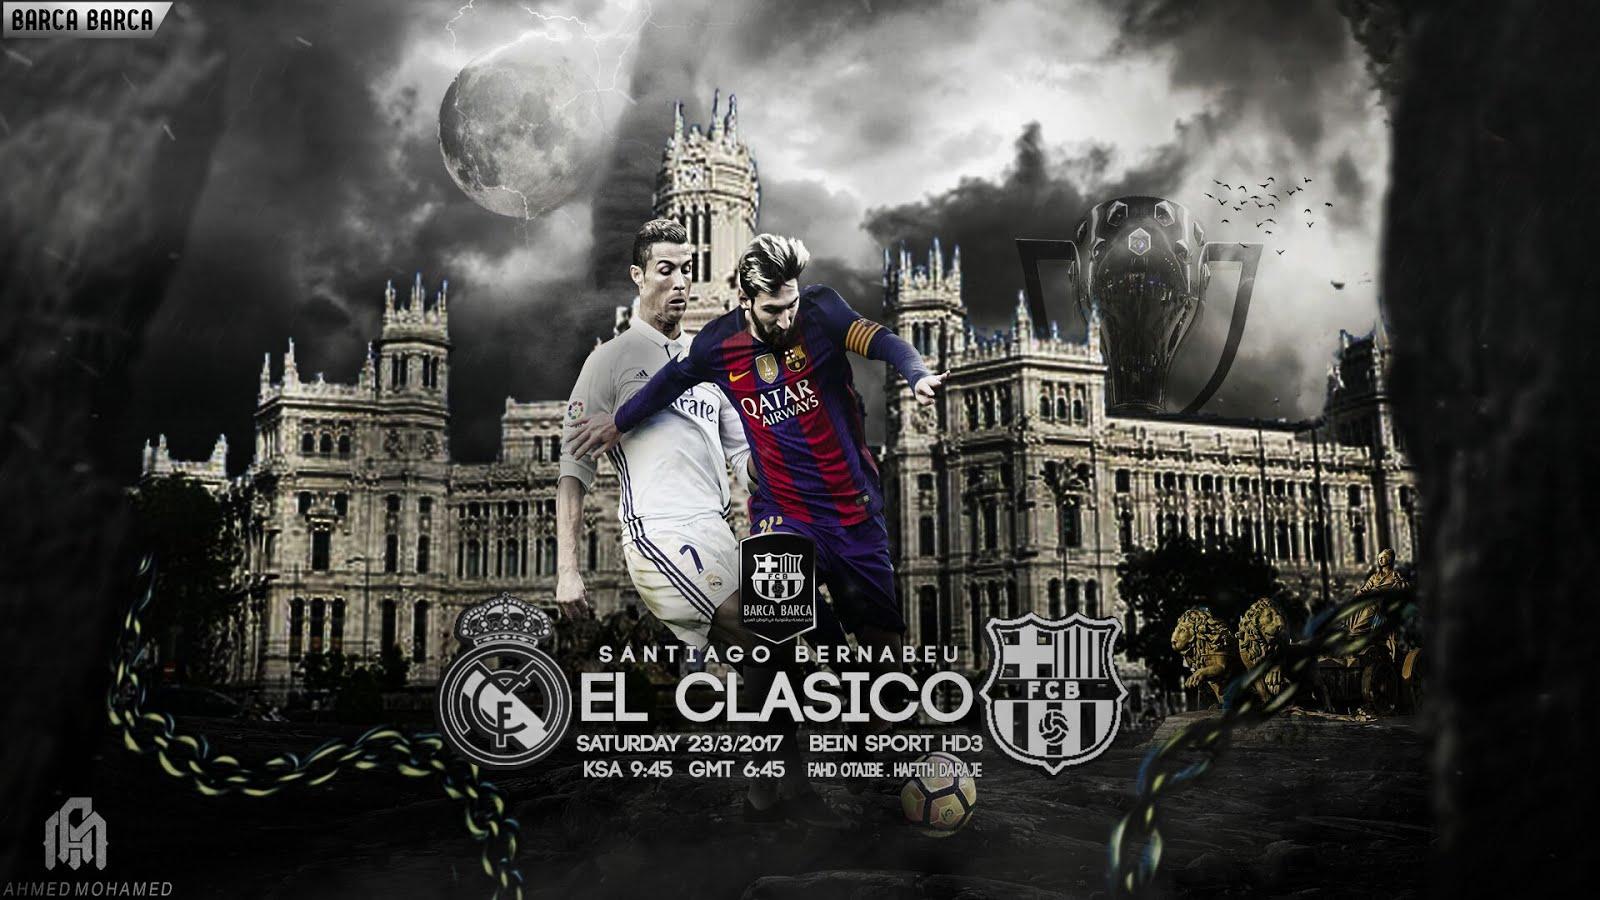 مشاهدة مباراة برشلونة و ريال مدريد بث مباشر بتاريخ (23-04-2017) الدوري الاسباني